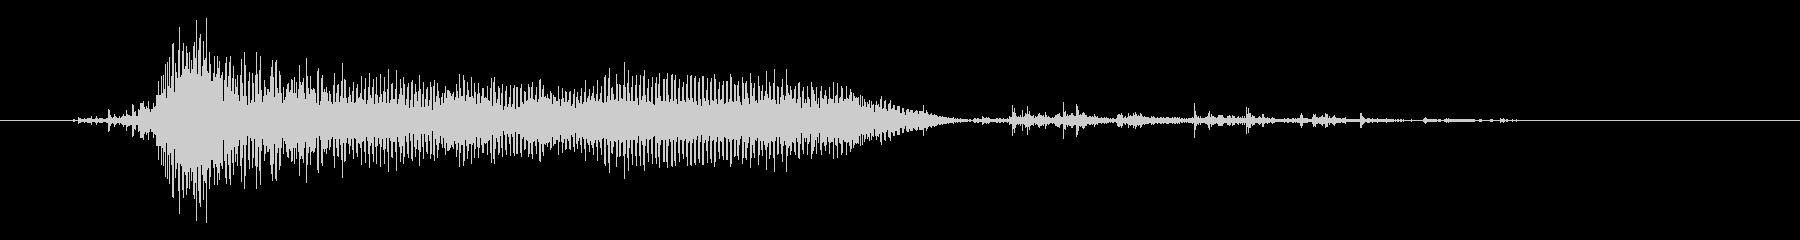 吹くパーティーの吹鳴ホーン(ショート)の未再生の波形